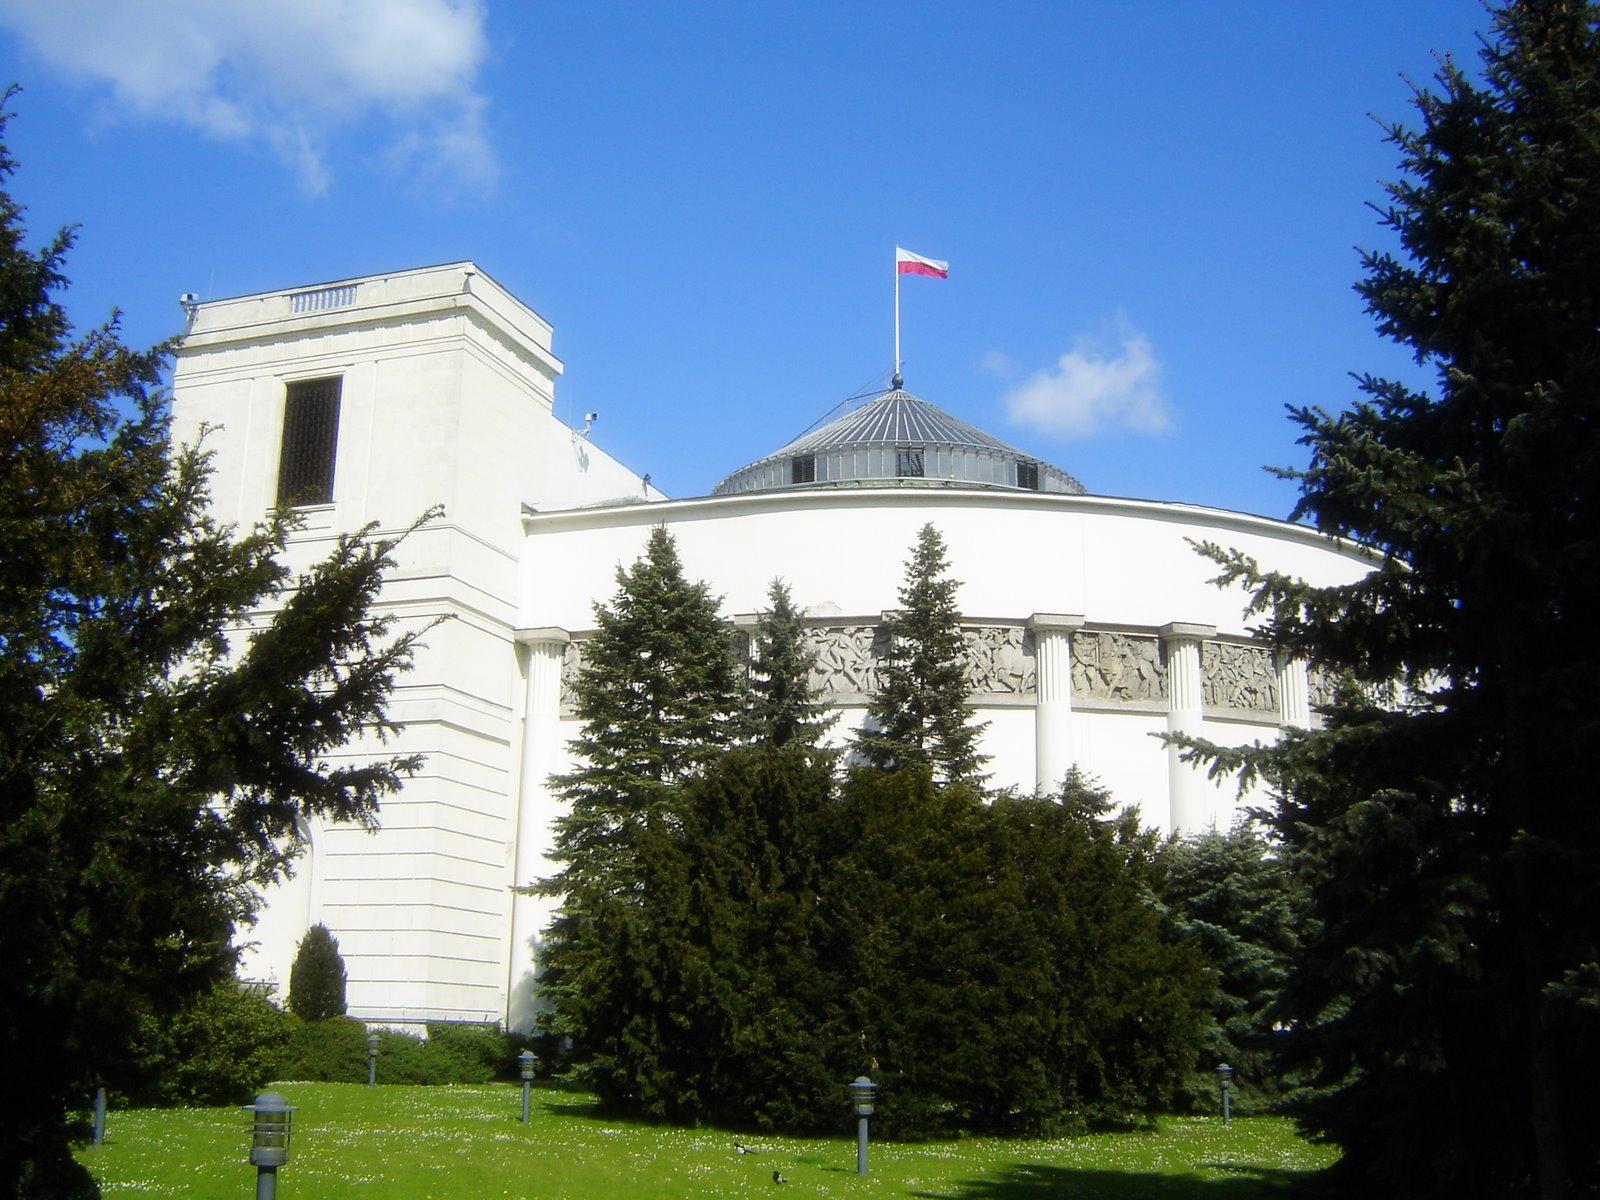 Gorący dzień w Sejmie - In vitro, deregulacja, nowy marszałek